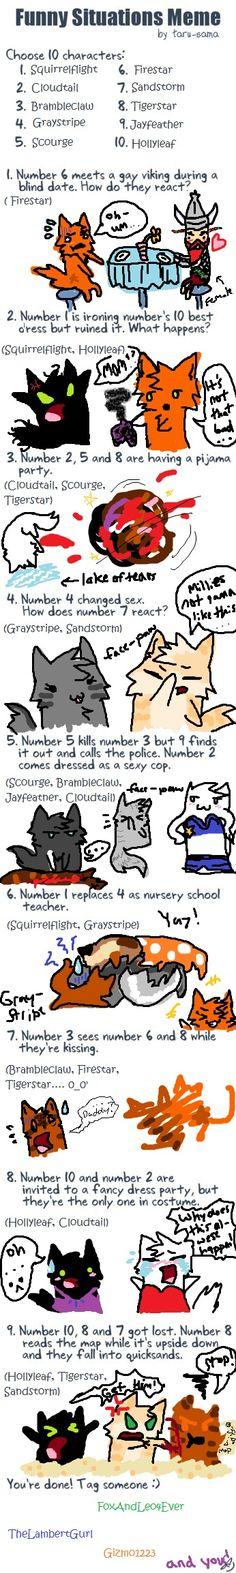 Warrior Cat Meme Deviantart.com/Runtyiscute